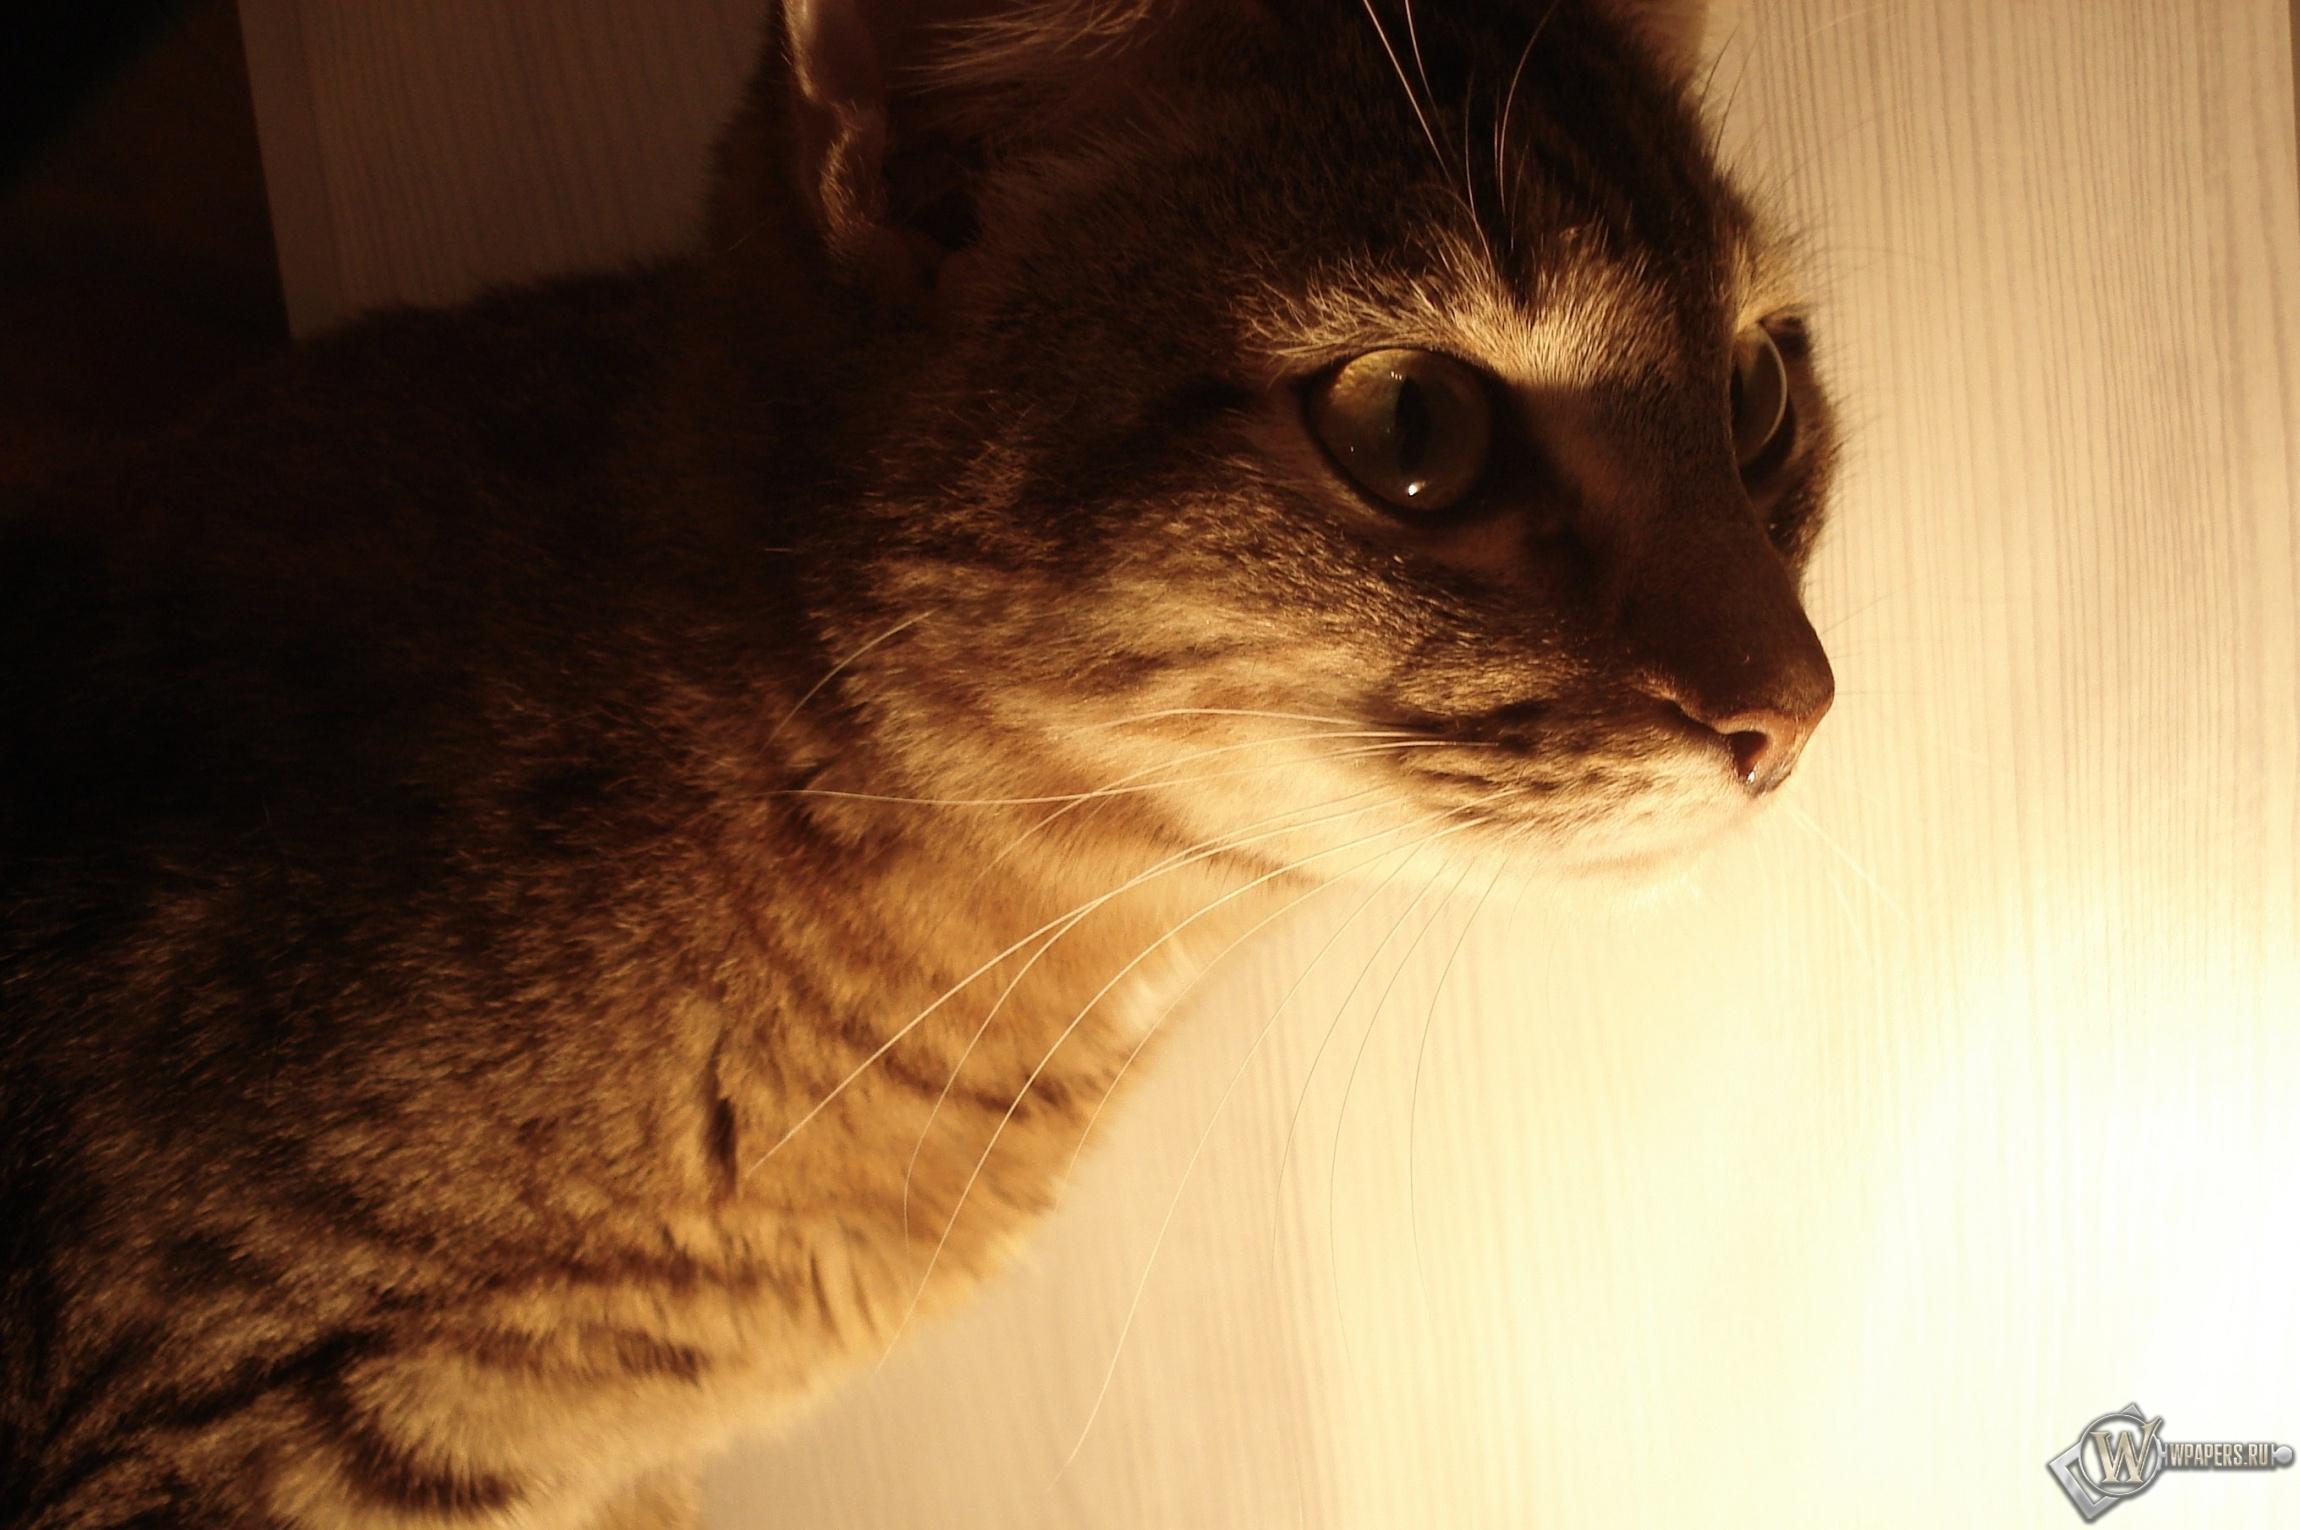 Полосатый кот 2300x1530